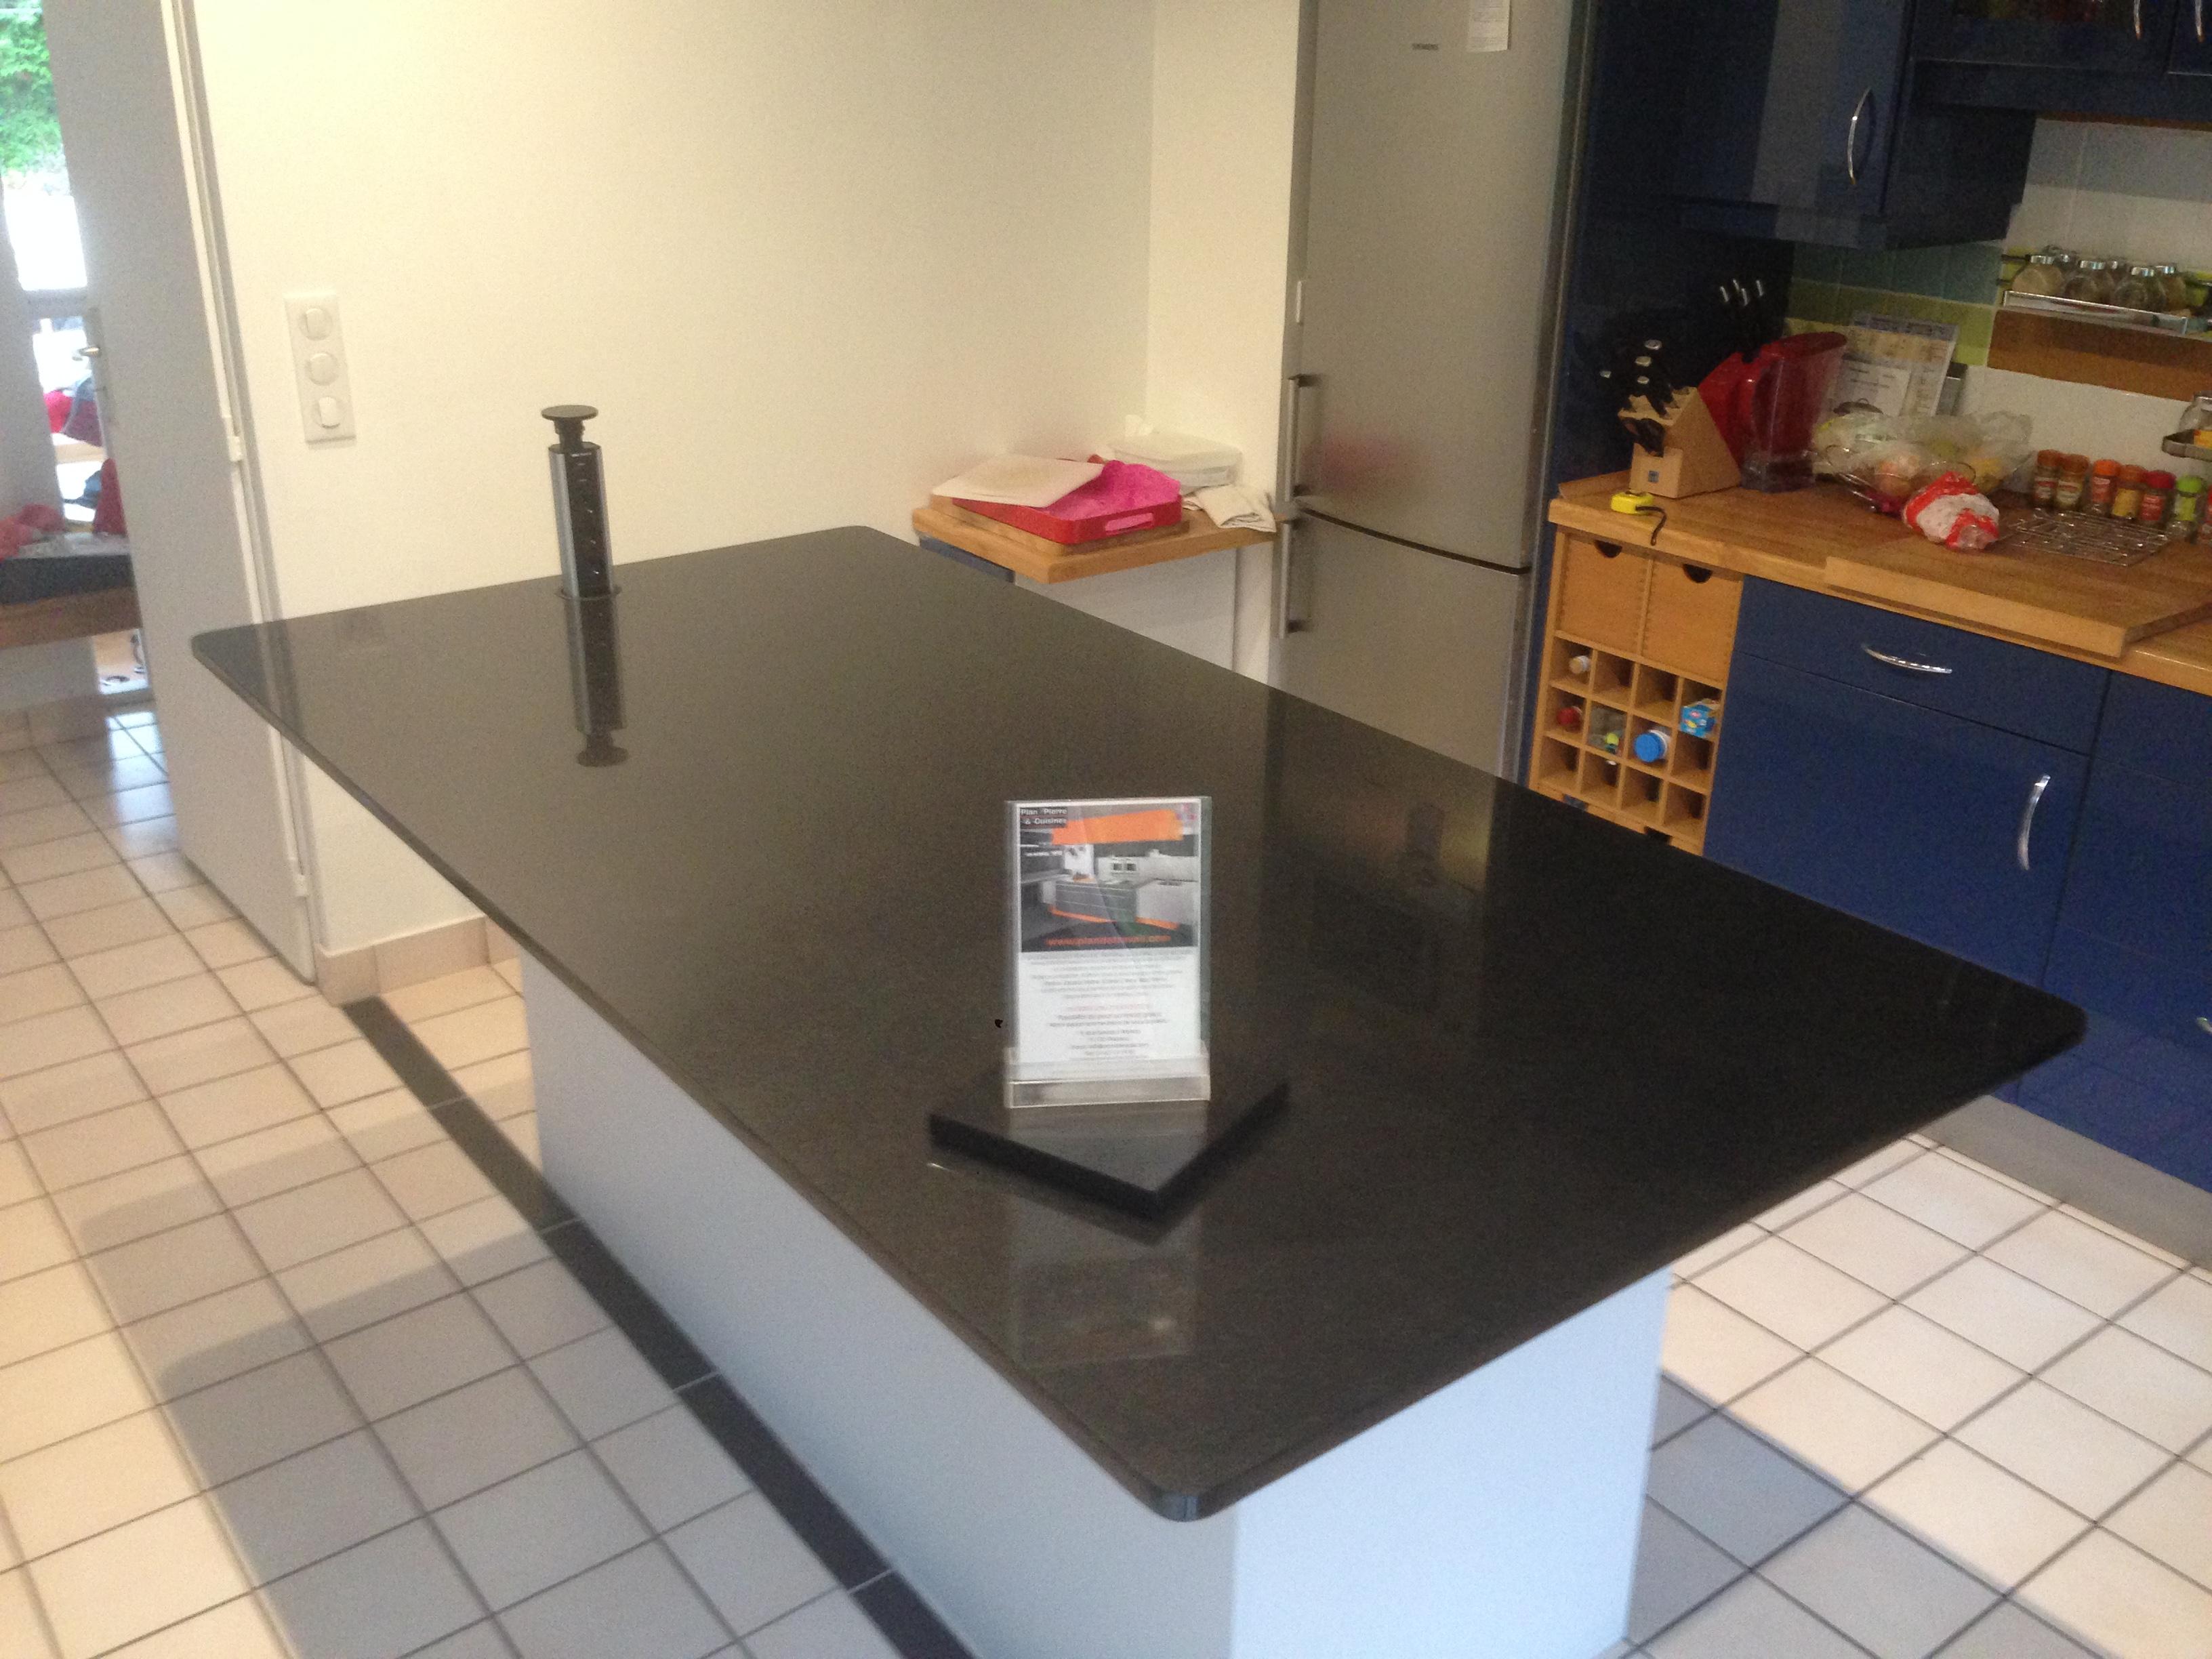 plan de travail granit quartz table en mabre paris essonne granit noir zimbabwe poli. Black Bedroom Furniture Sets. Home Design Ideas